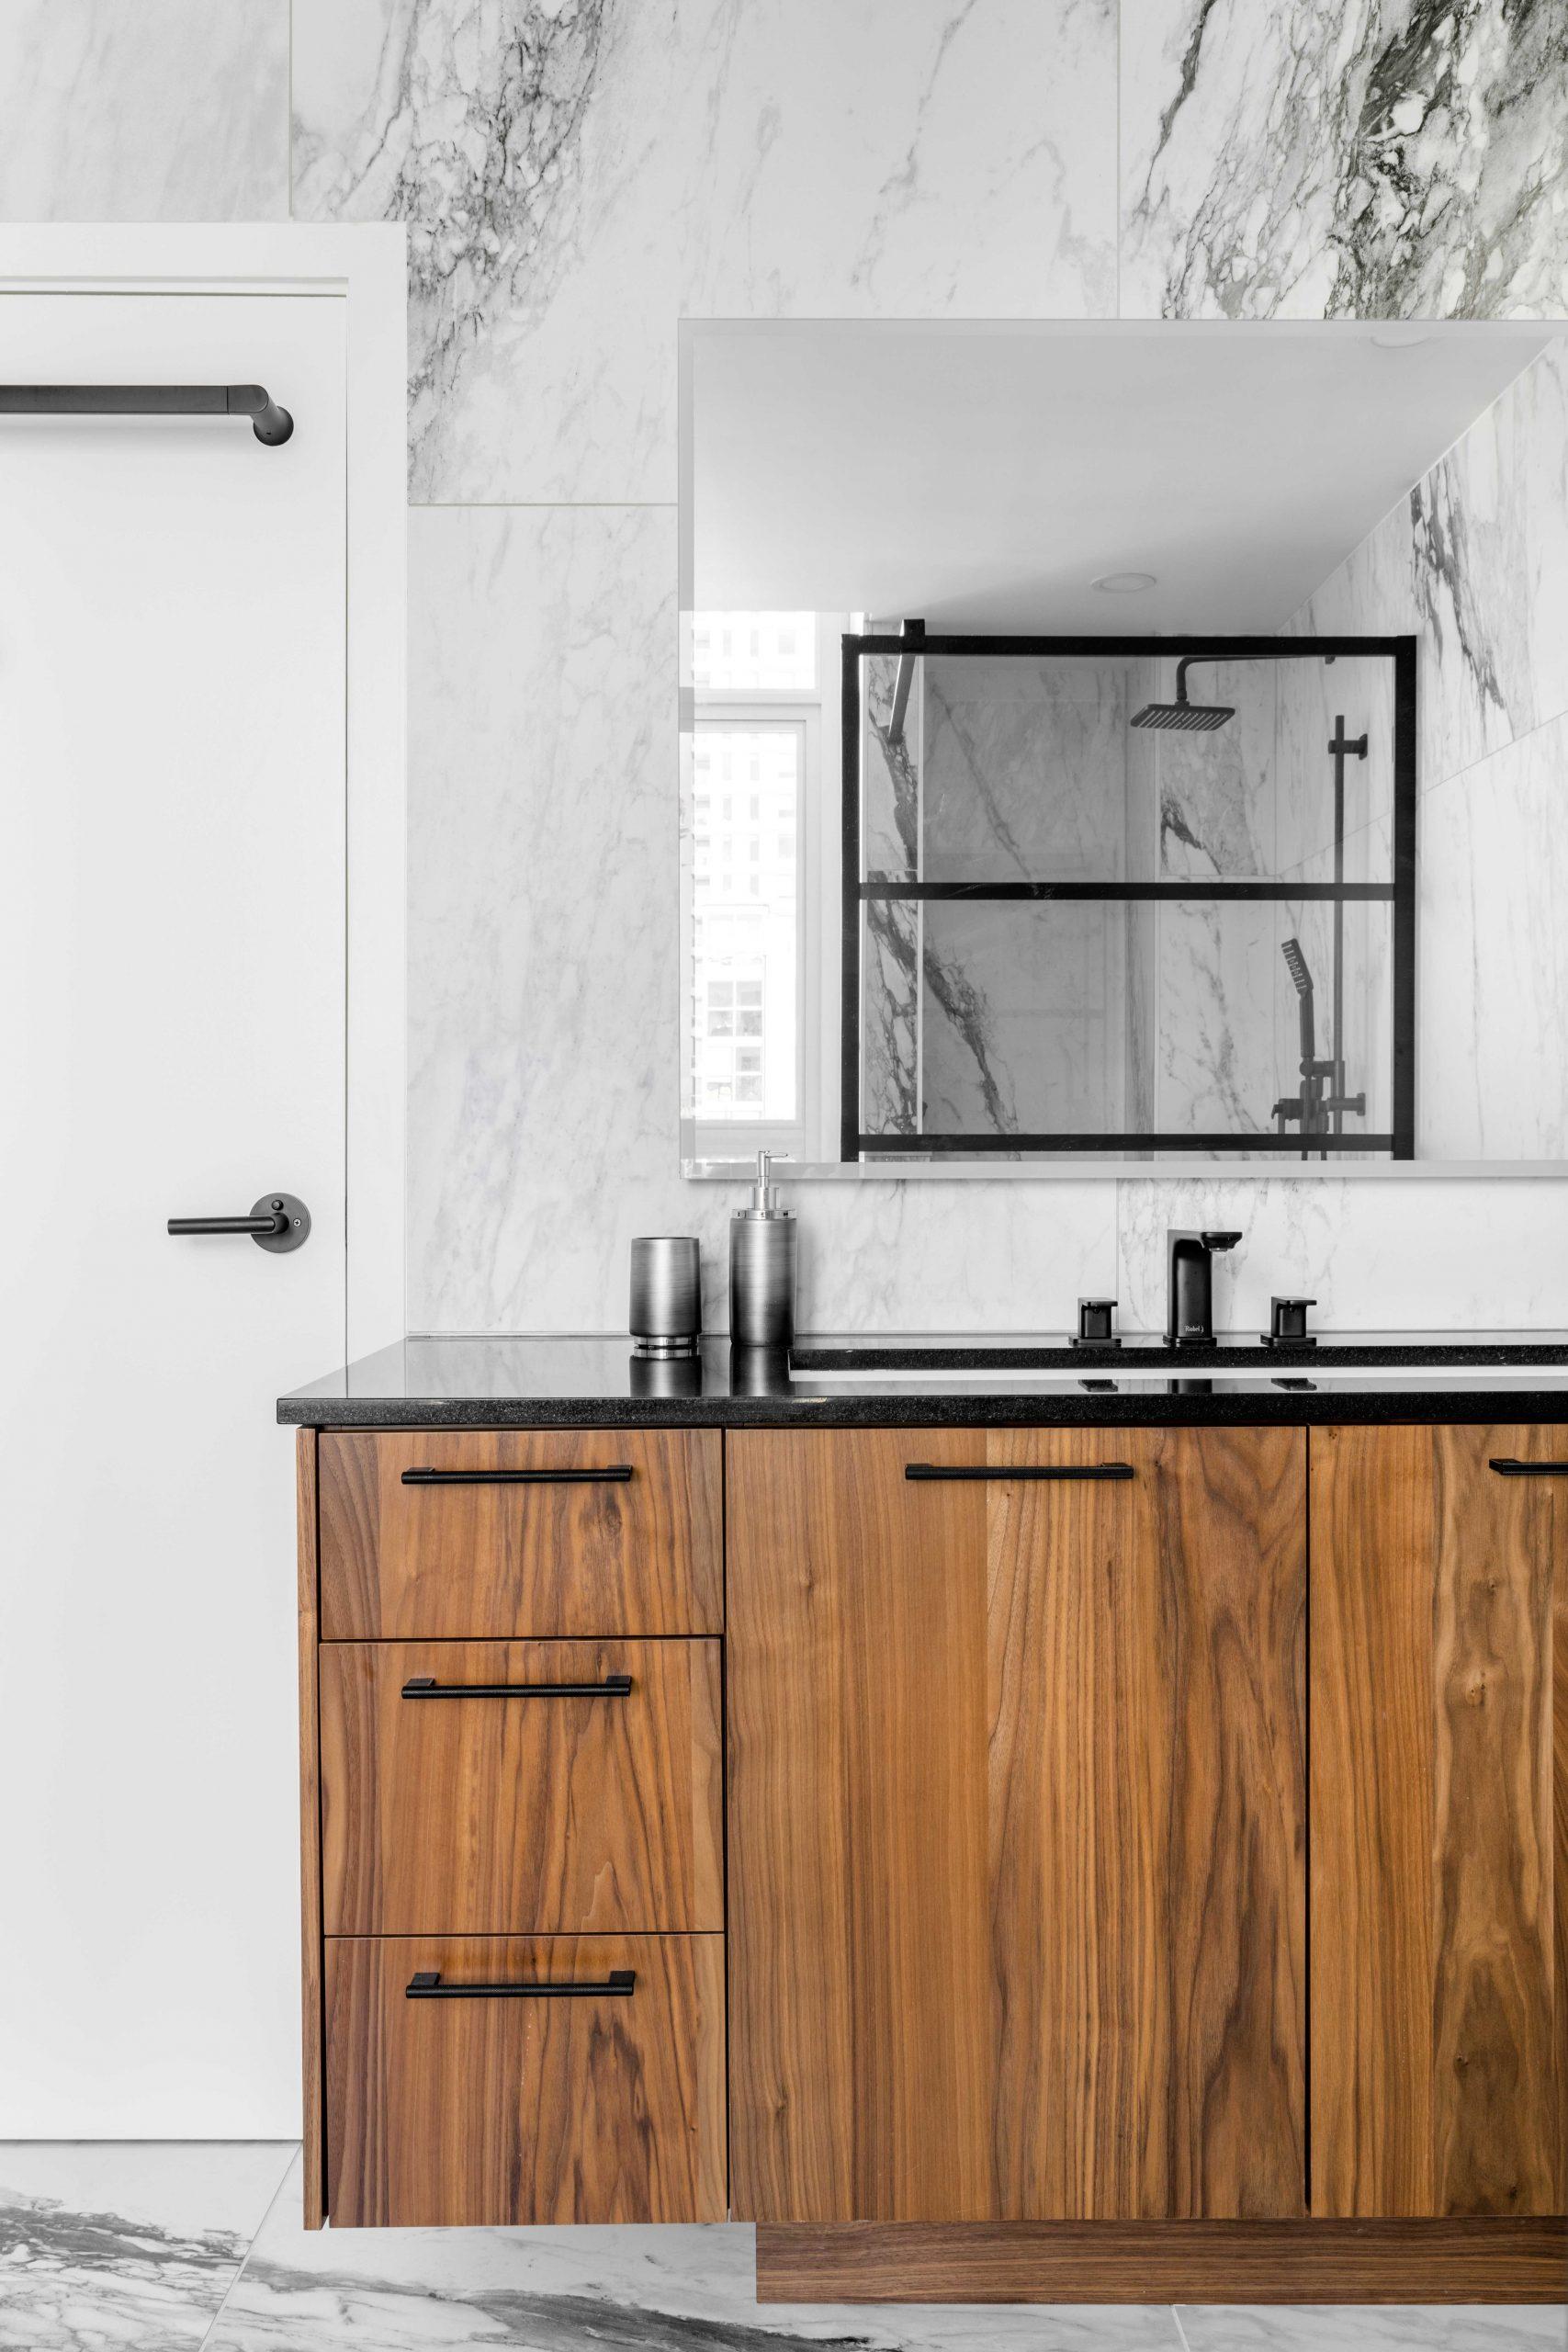 Cabico Custom Cabinets - Projet salle de bain Drake - vue sur les cabinets